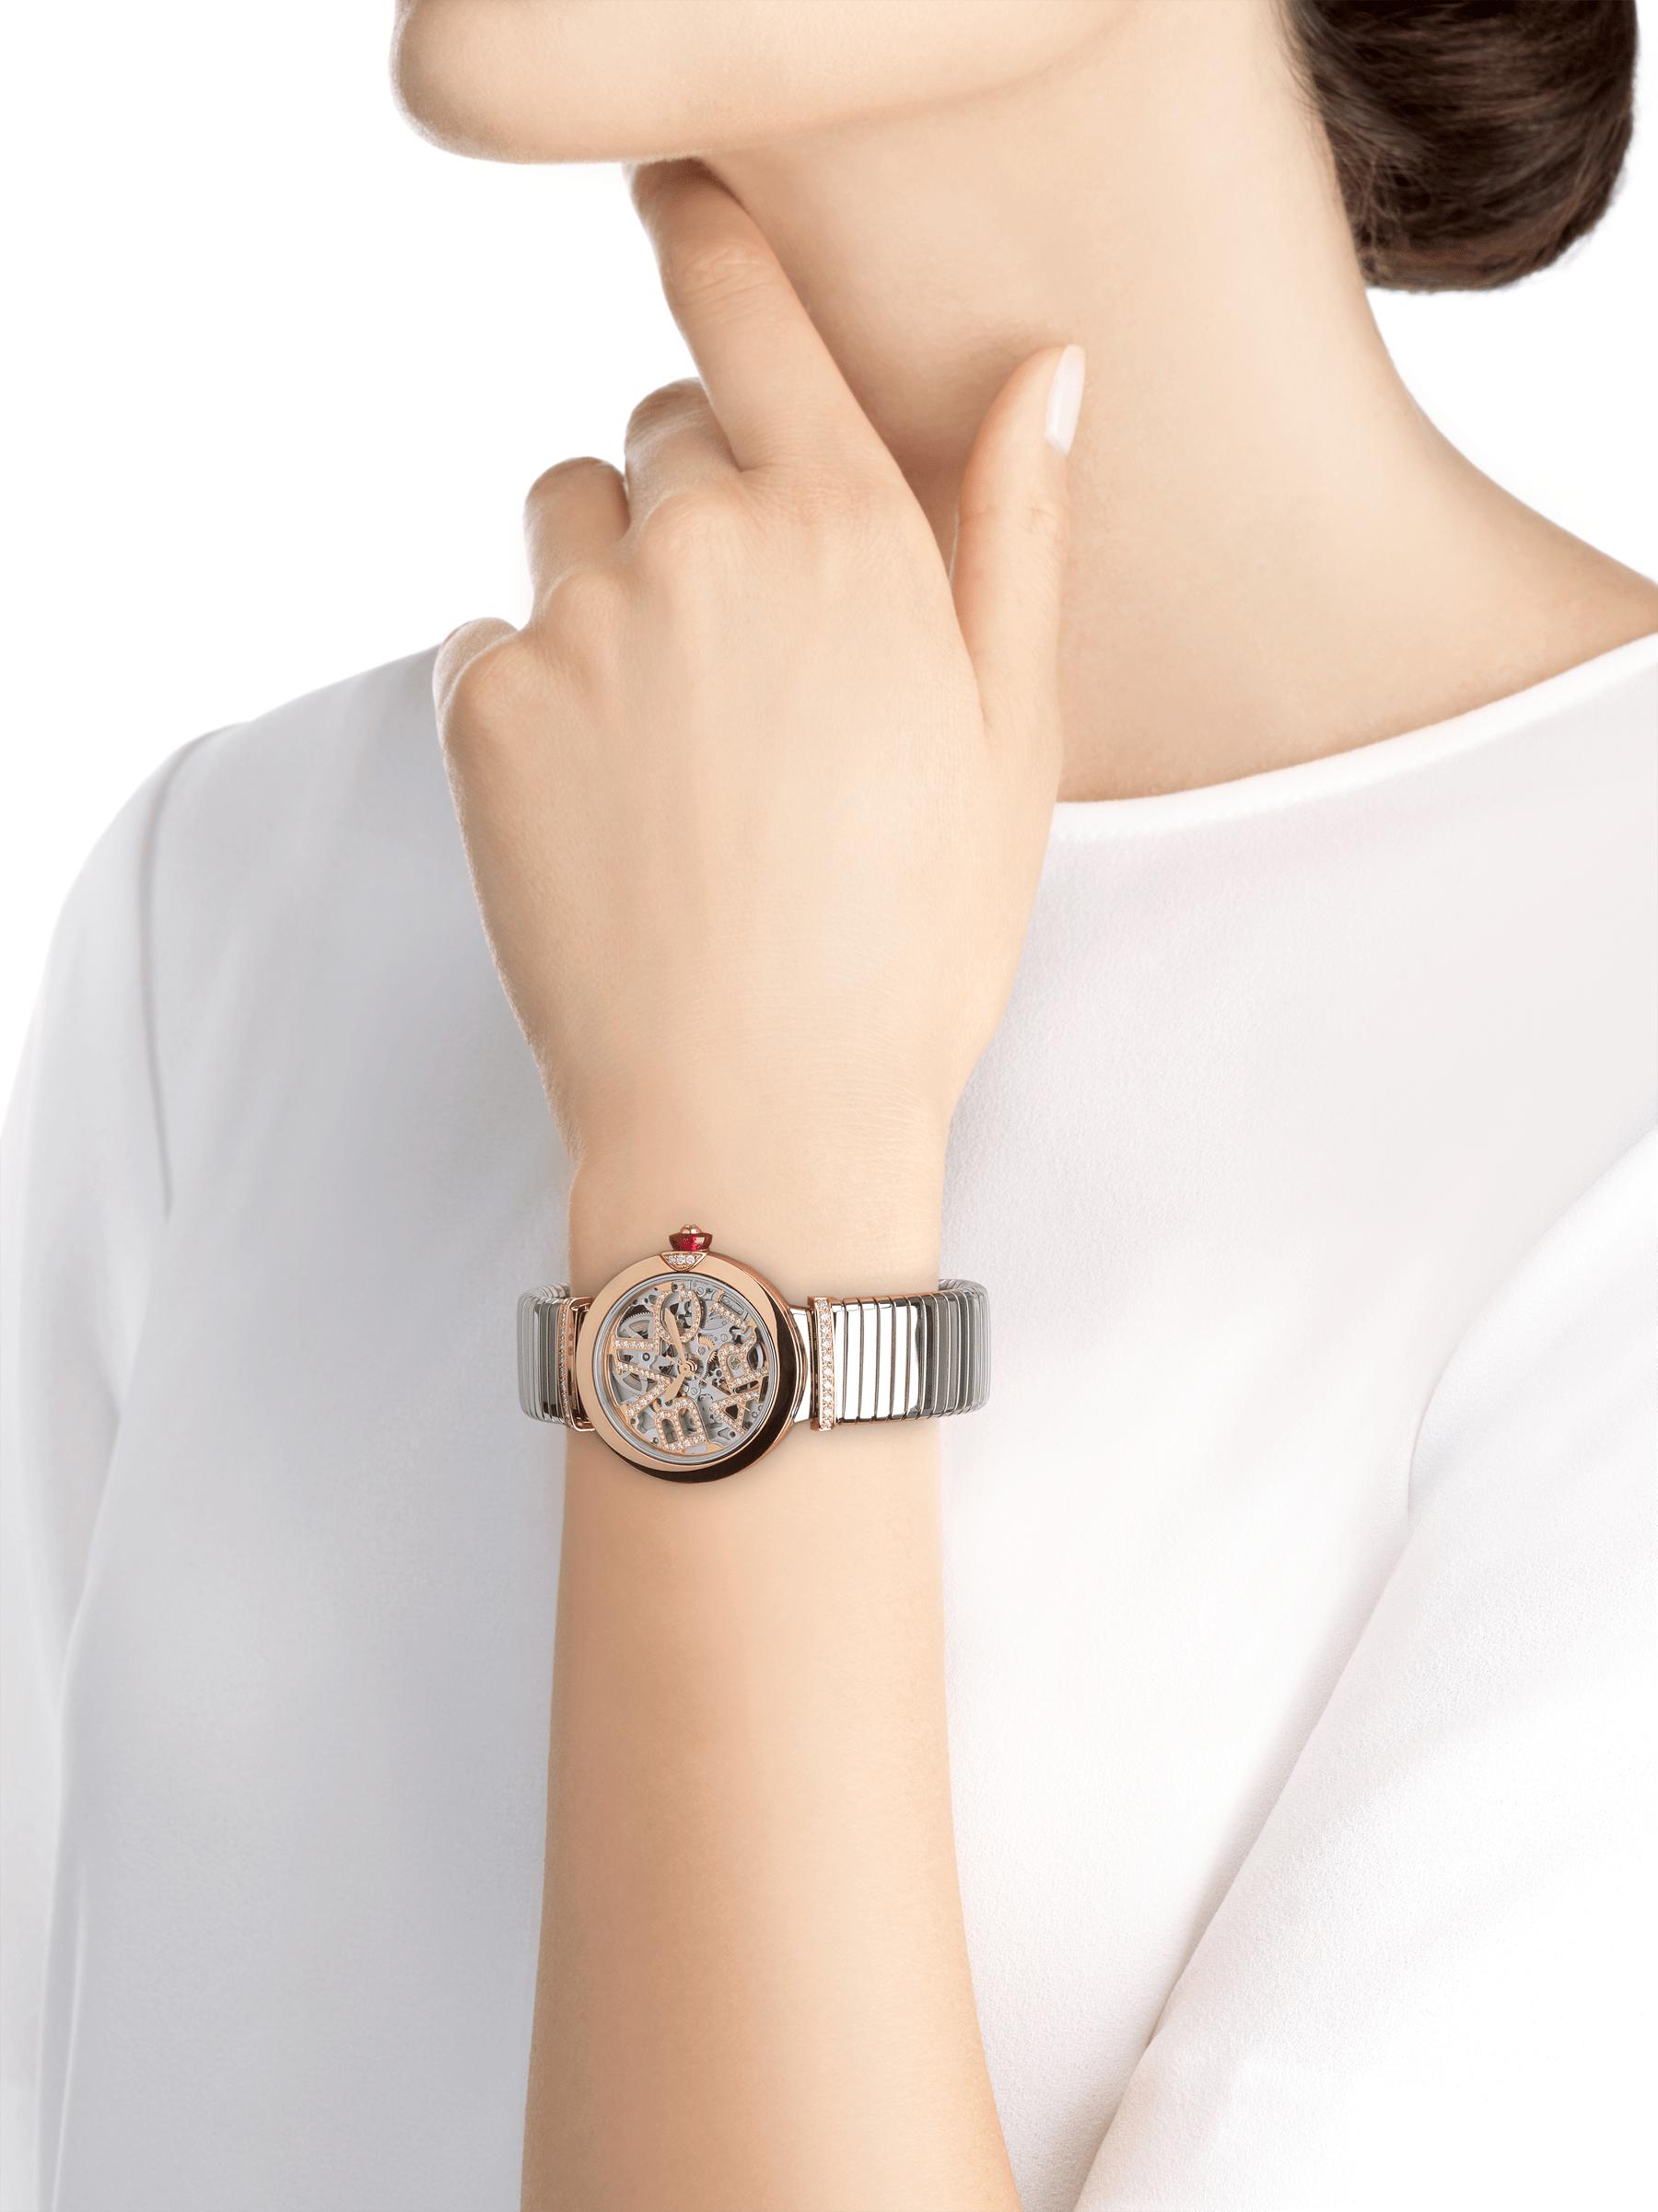 Reloj LVCEA Skeleton con movimiento mecánico de carga automática. Caja en acero inoxidable, bisel en oro rosa de 18qt con detalle de diamante, esfera calada en oro rosa de 18qt con el logotipo BVLGARI y eslabones, ambos con diamantes redondos talla brillante engastados. Brazalete tubogas en acero inoxidable 103093 image 5